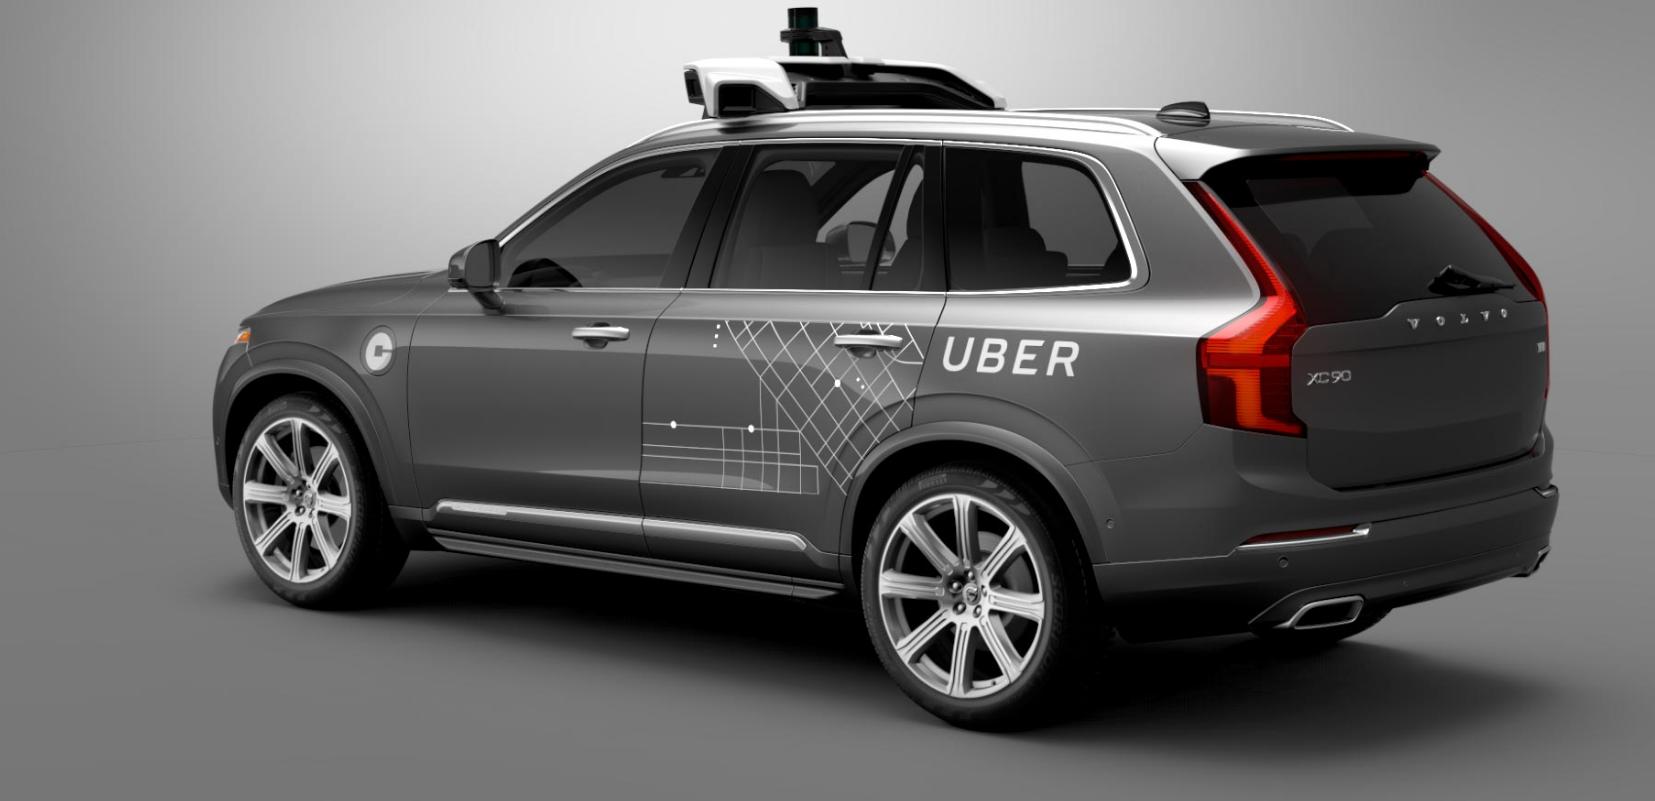 Simán elkerülhető lett volna az önjáró Uber halálos balesete